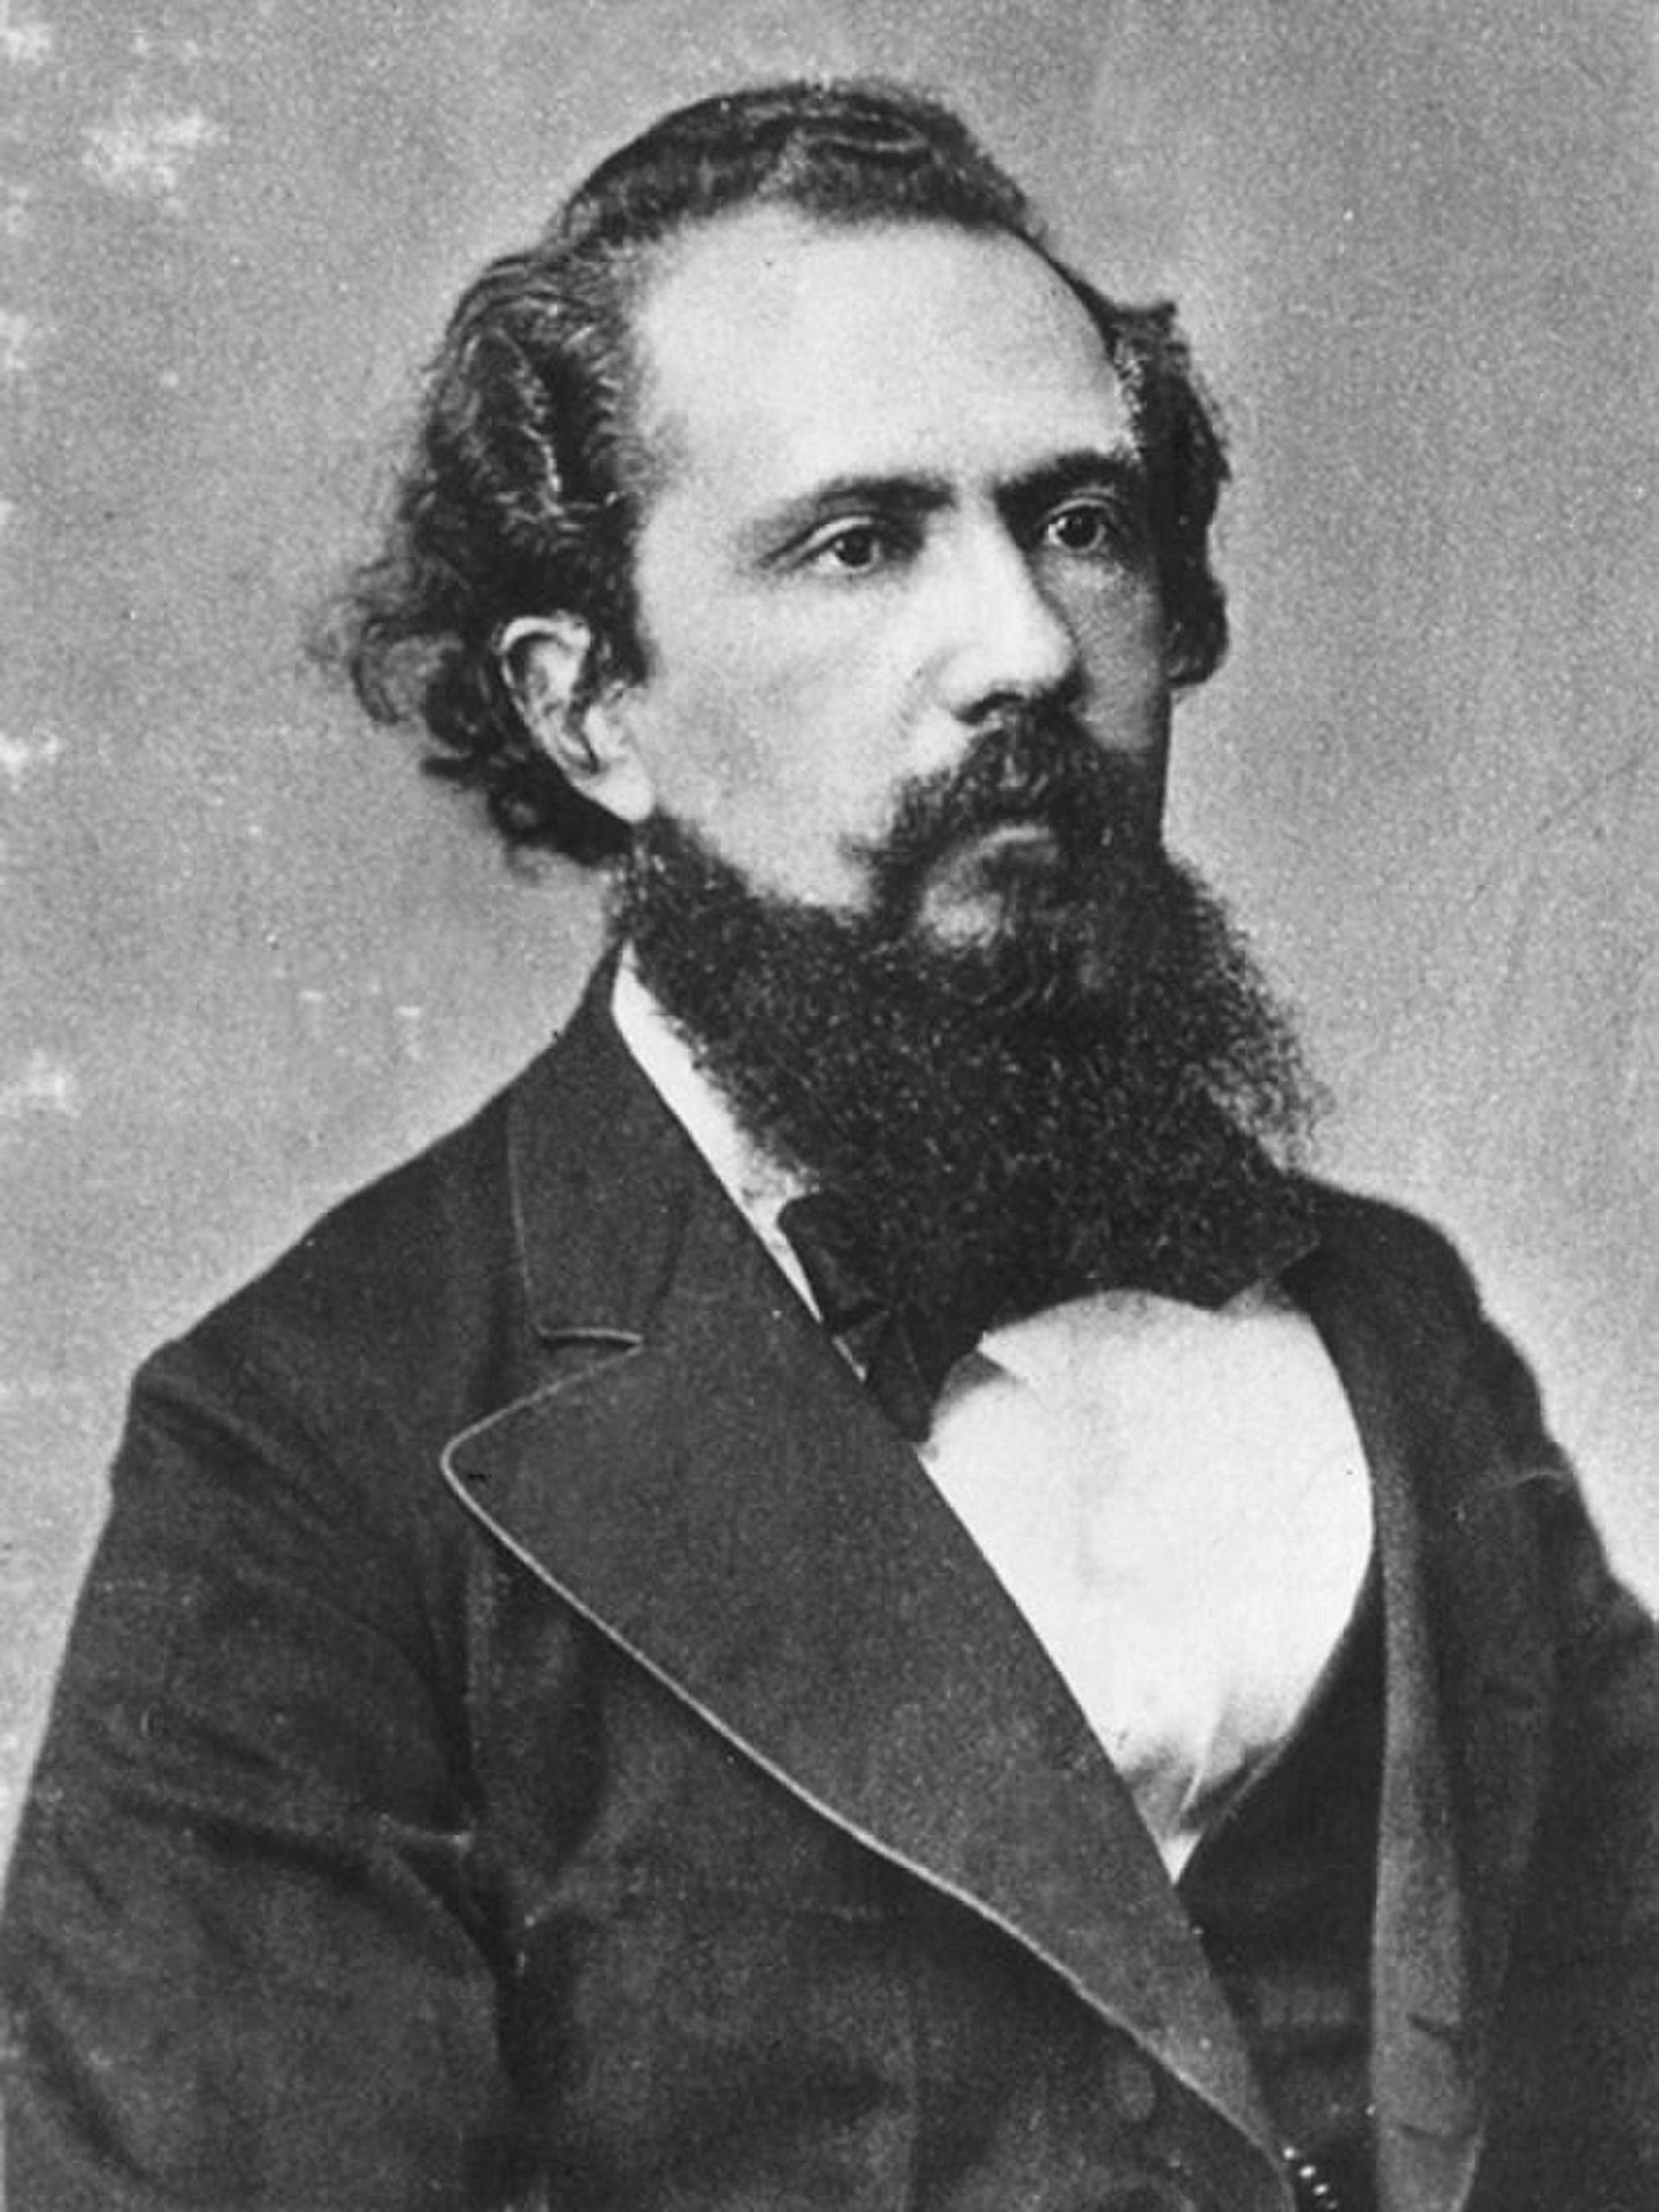 Nicolás Avellaneda ejerció la presidencia de 1874 a 1880 y respaldó la candidatura de Roca